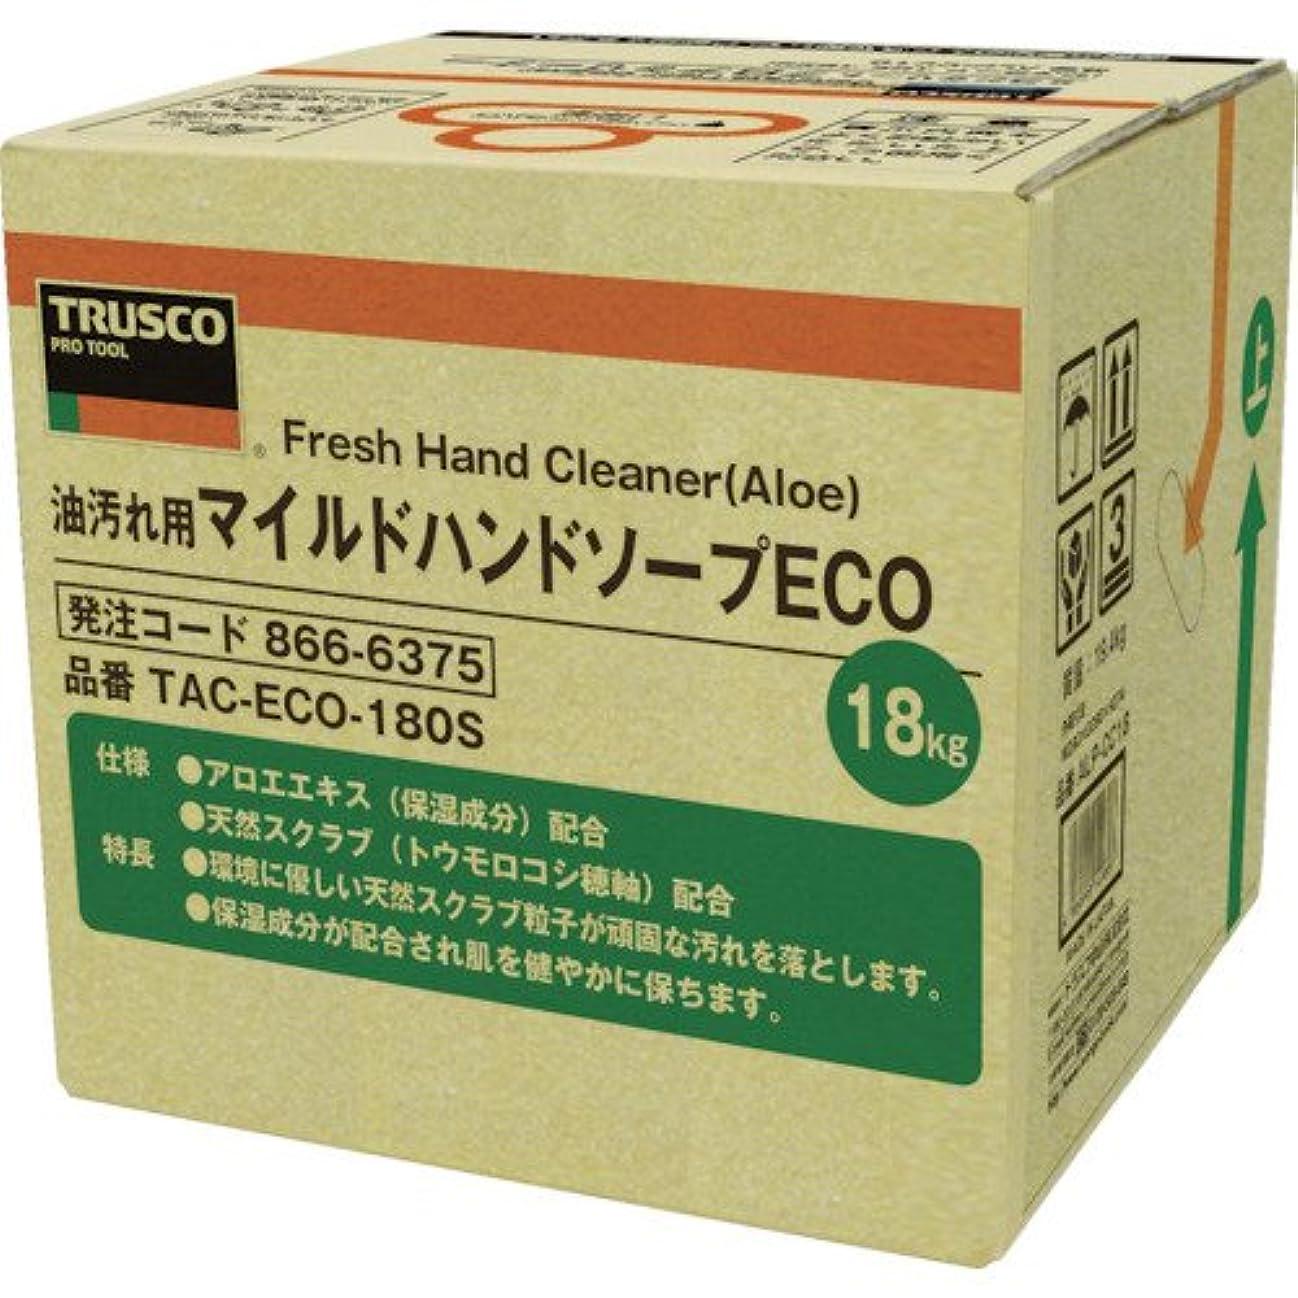 ジャンピングジャックペリスコープ寄託TRUSCO(トラスコ) マイルドハンドソープ ECO 18L 詰替 バッグインボックス TACECO180S